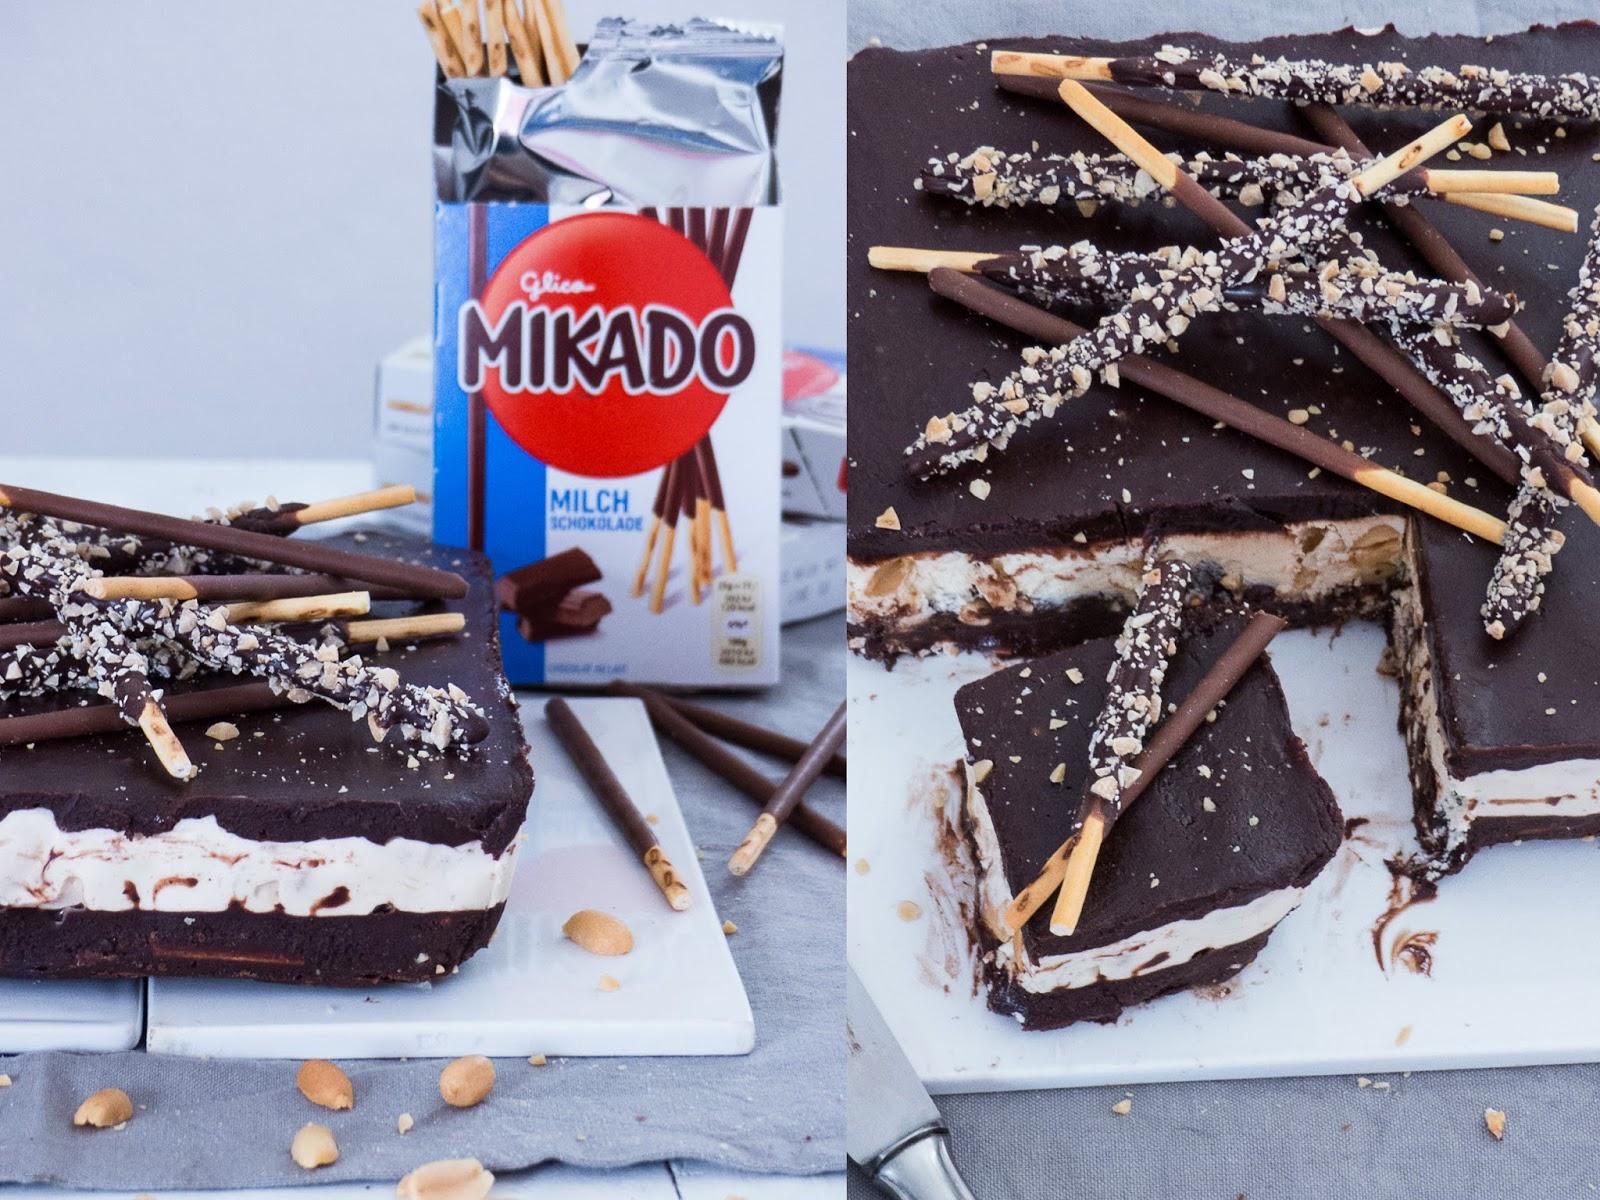 Der Kuchen wird wunderbar weich und cremig wenn er Raumtemperatur hat Einziges Manko ist das er sich dann nicht mehr ganz so gut schneiden lässt